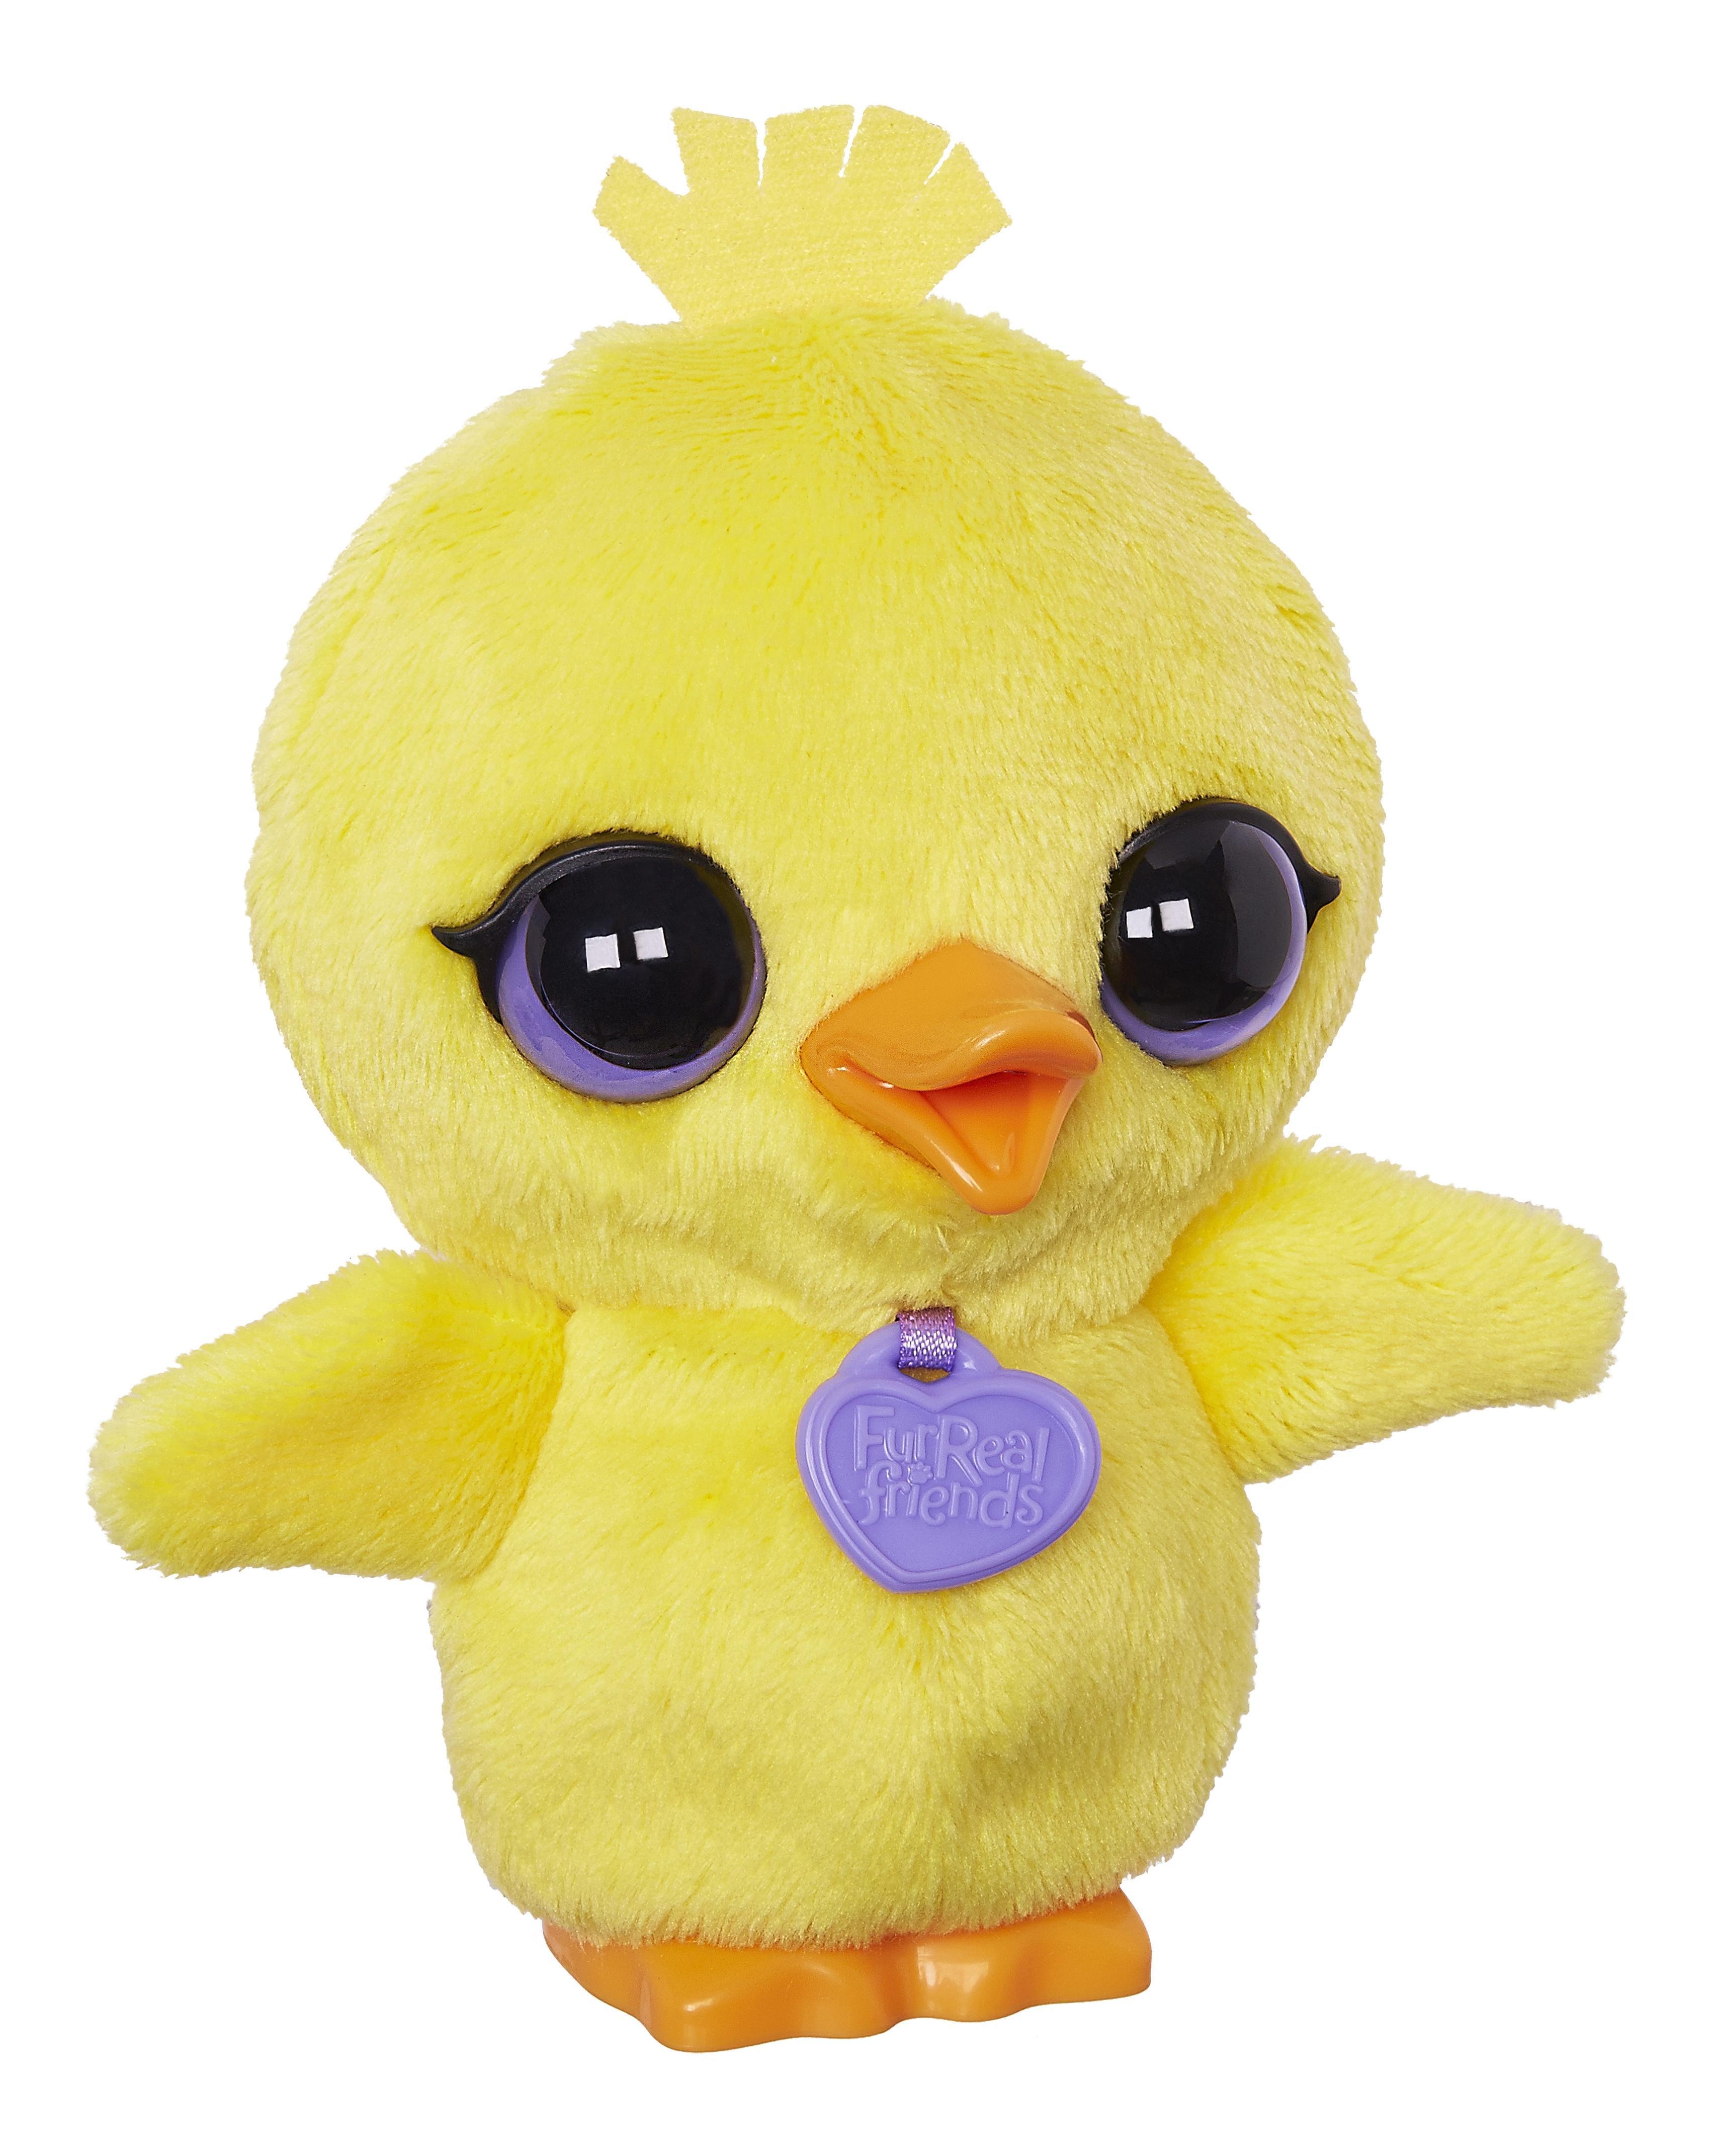 Купить Интерактивное животное Furreal Friends Цыпленок c2173 c2174, Интерактивные животные